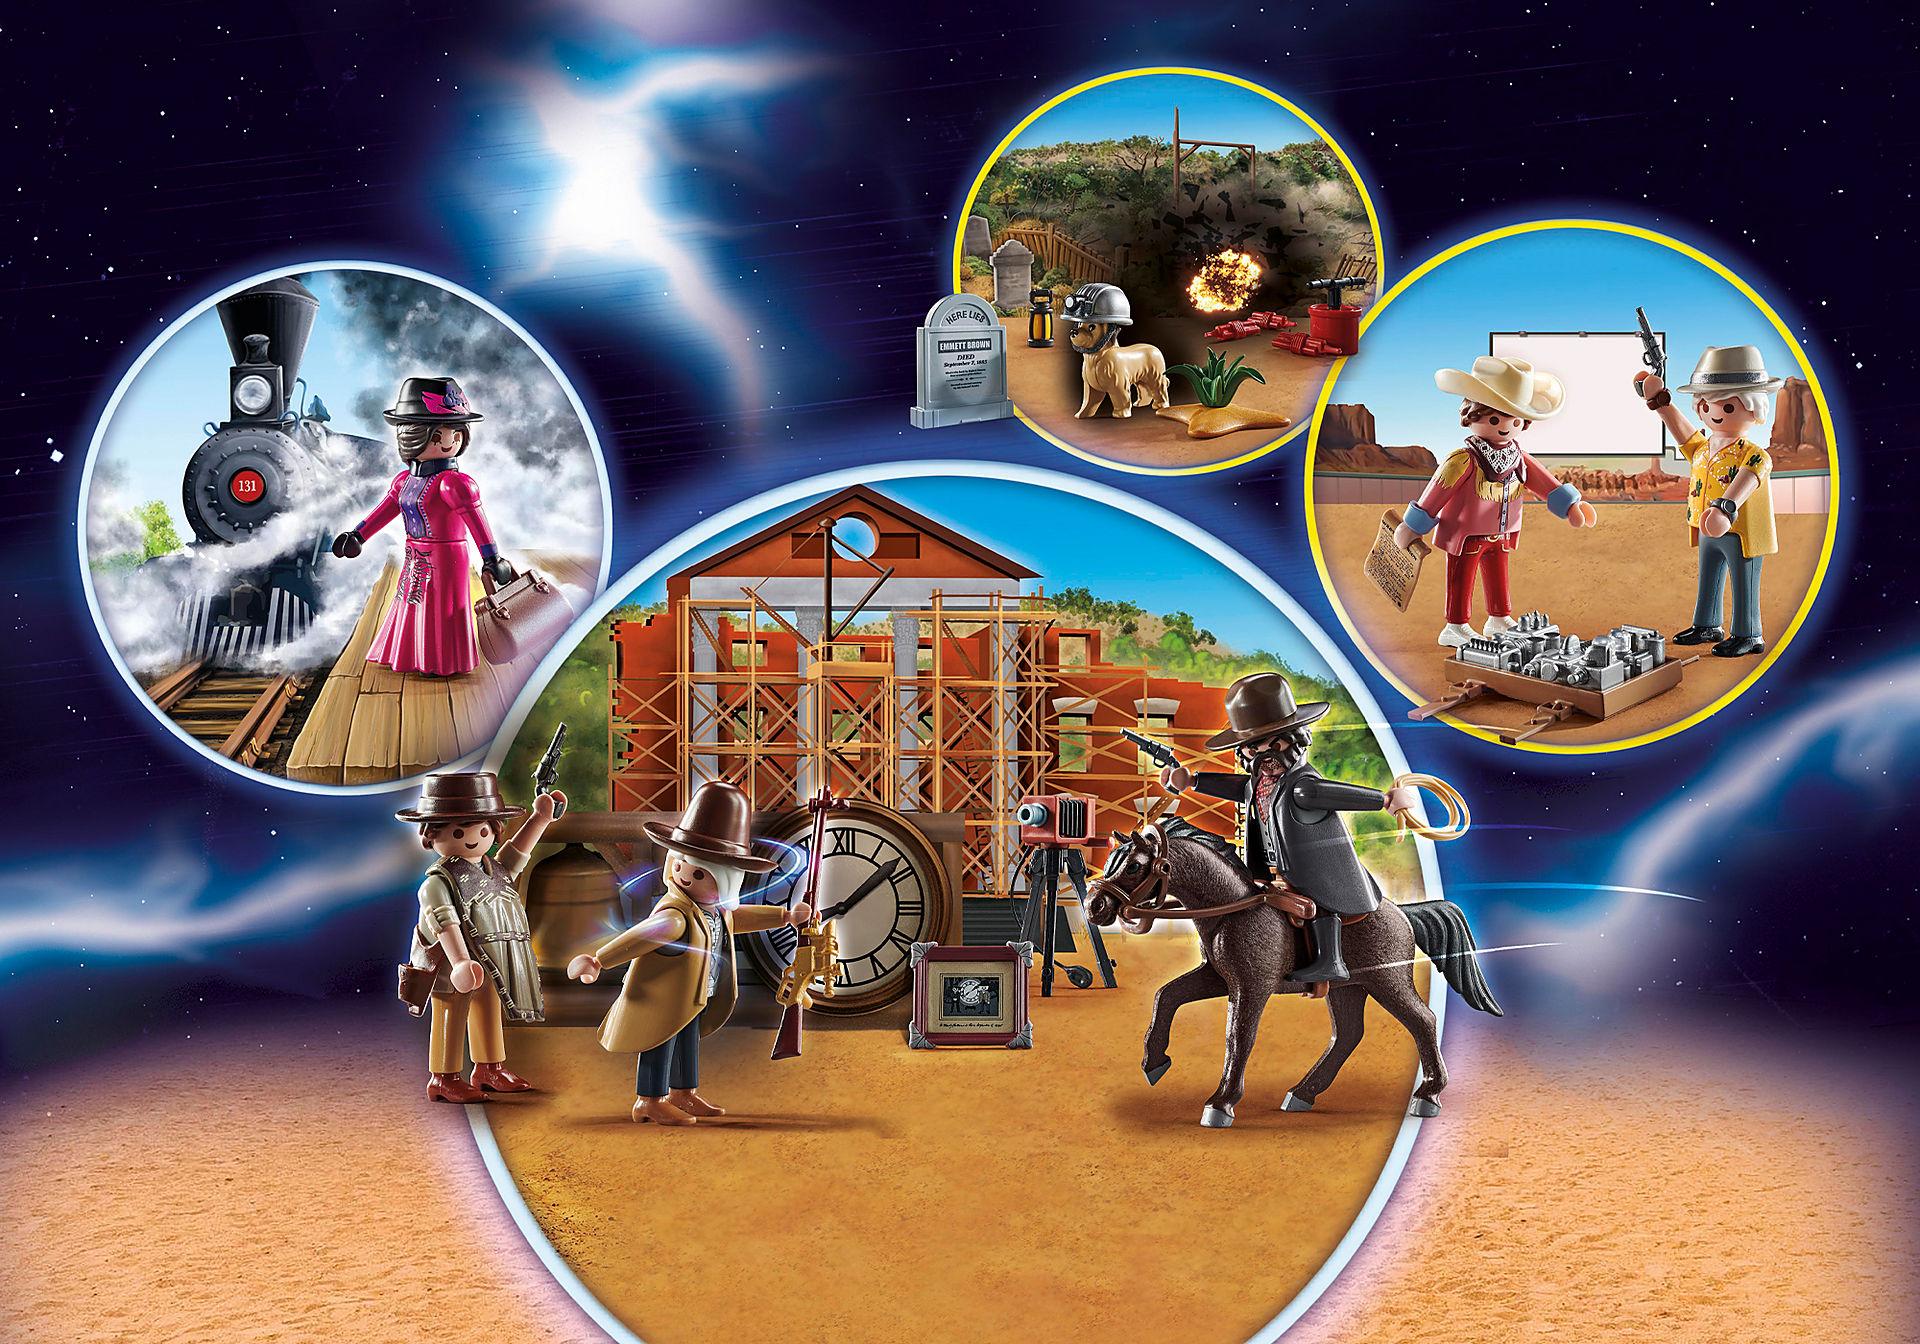 70576 Calendario dell'Avvento 'Back to the Future Parte III' zoom image3